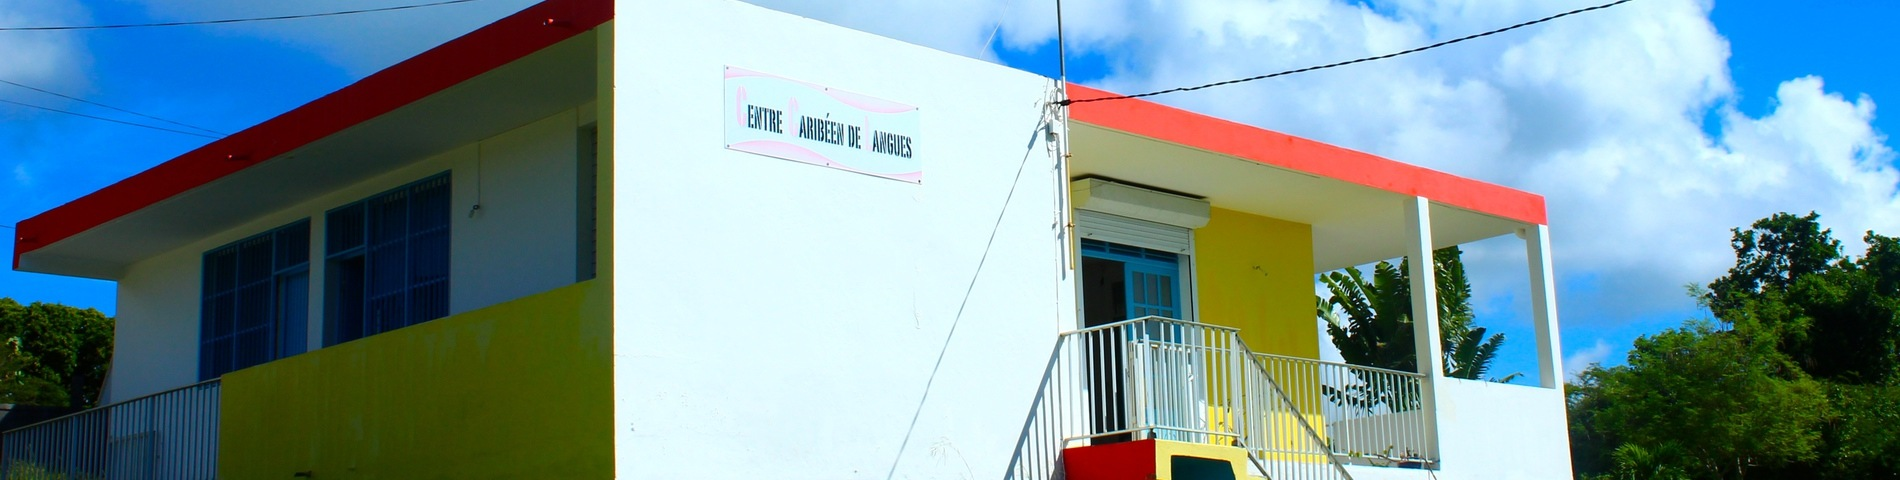 Centre Caribéen de Langues 사진 1